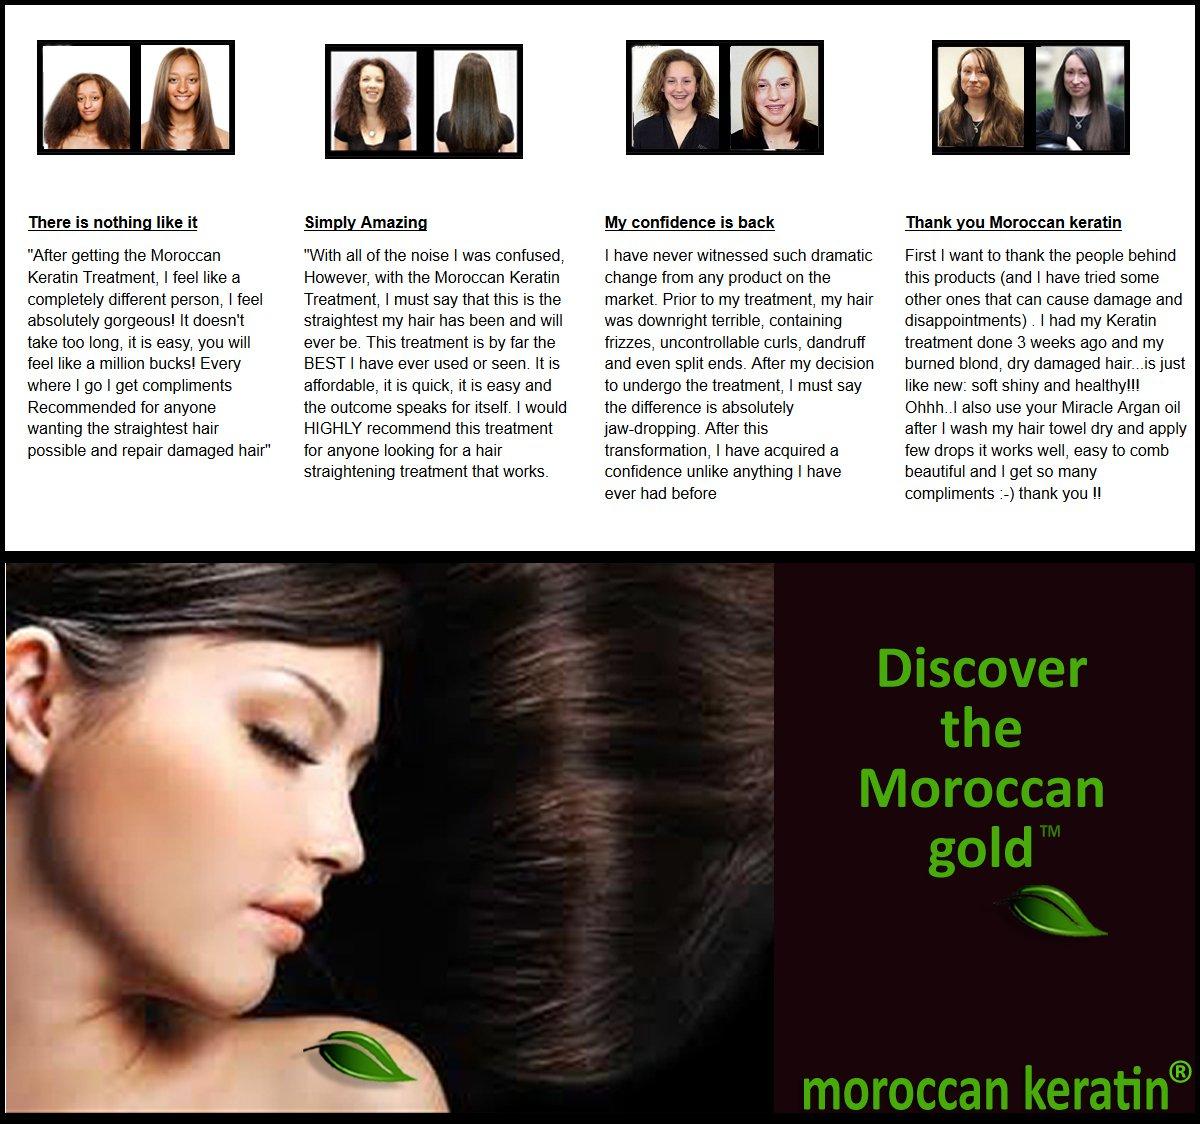 La queratina marroquí original con aceite de argán para tratamiento de queratina brasileña para el pelo fórmula probada 120 ml: Amazon.es: Belleza